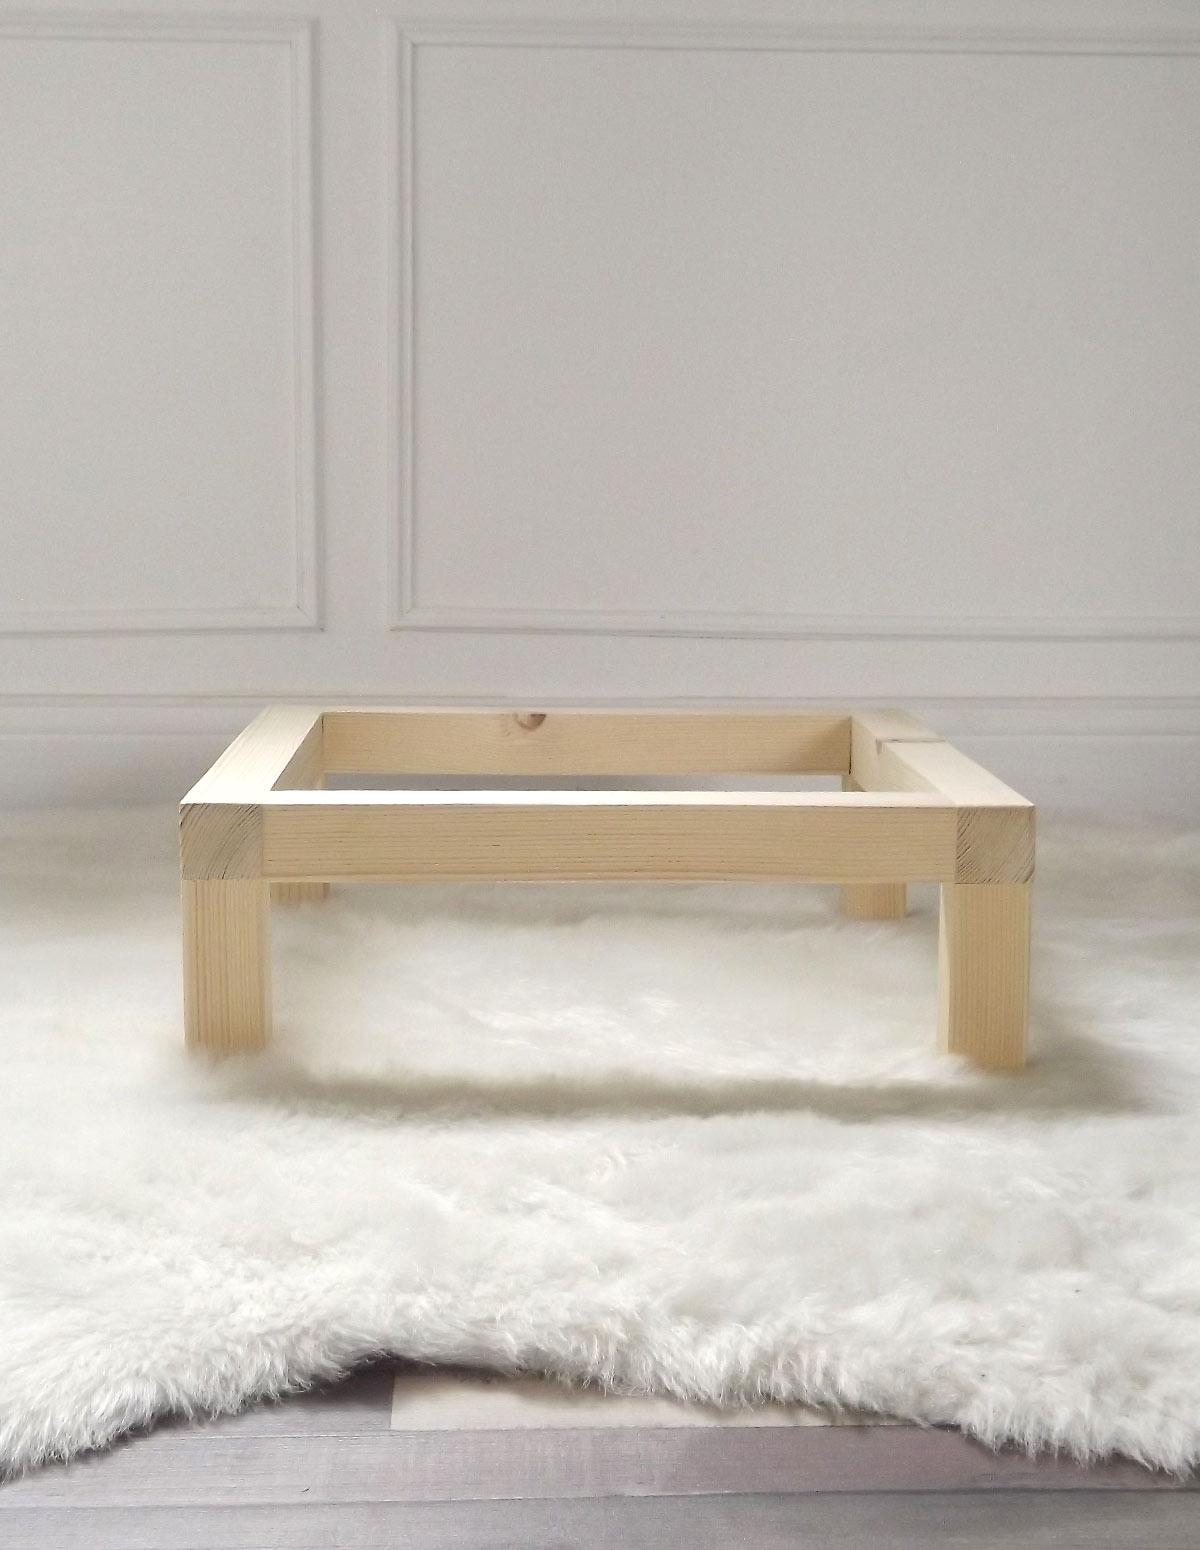 Les pieds, support simple, pour les Mehliebox de By Mehlie